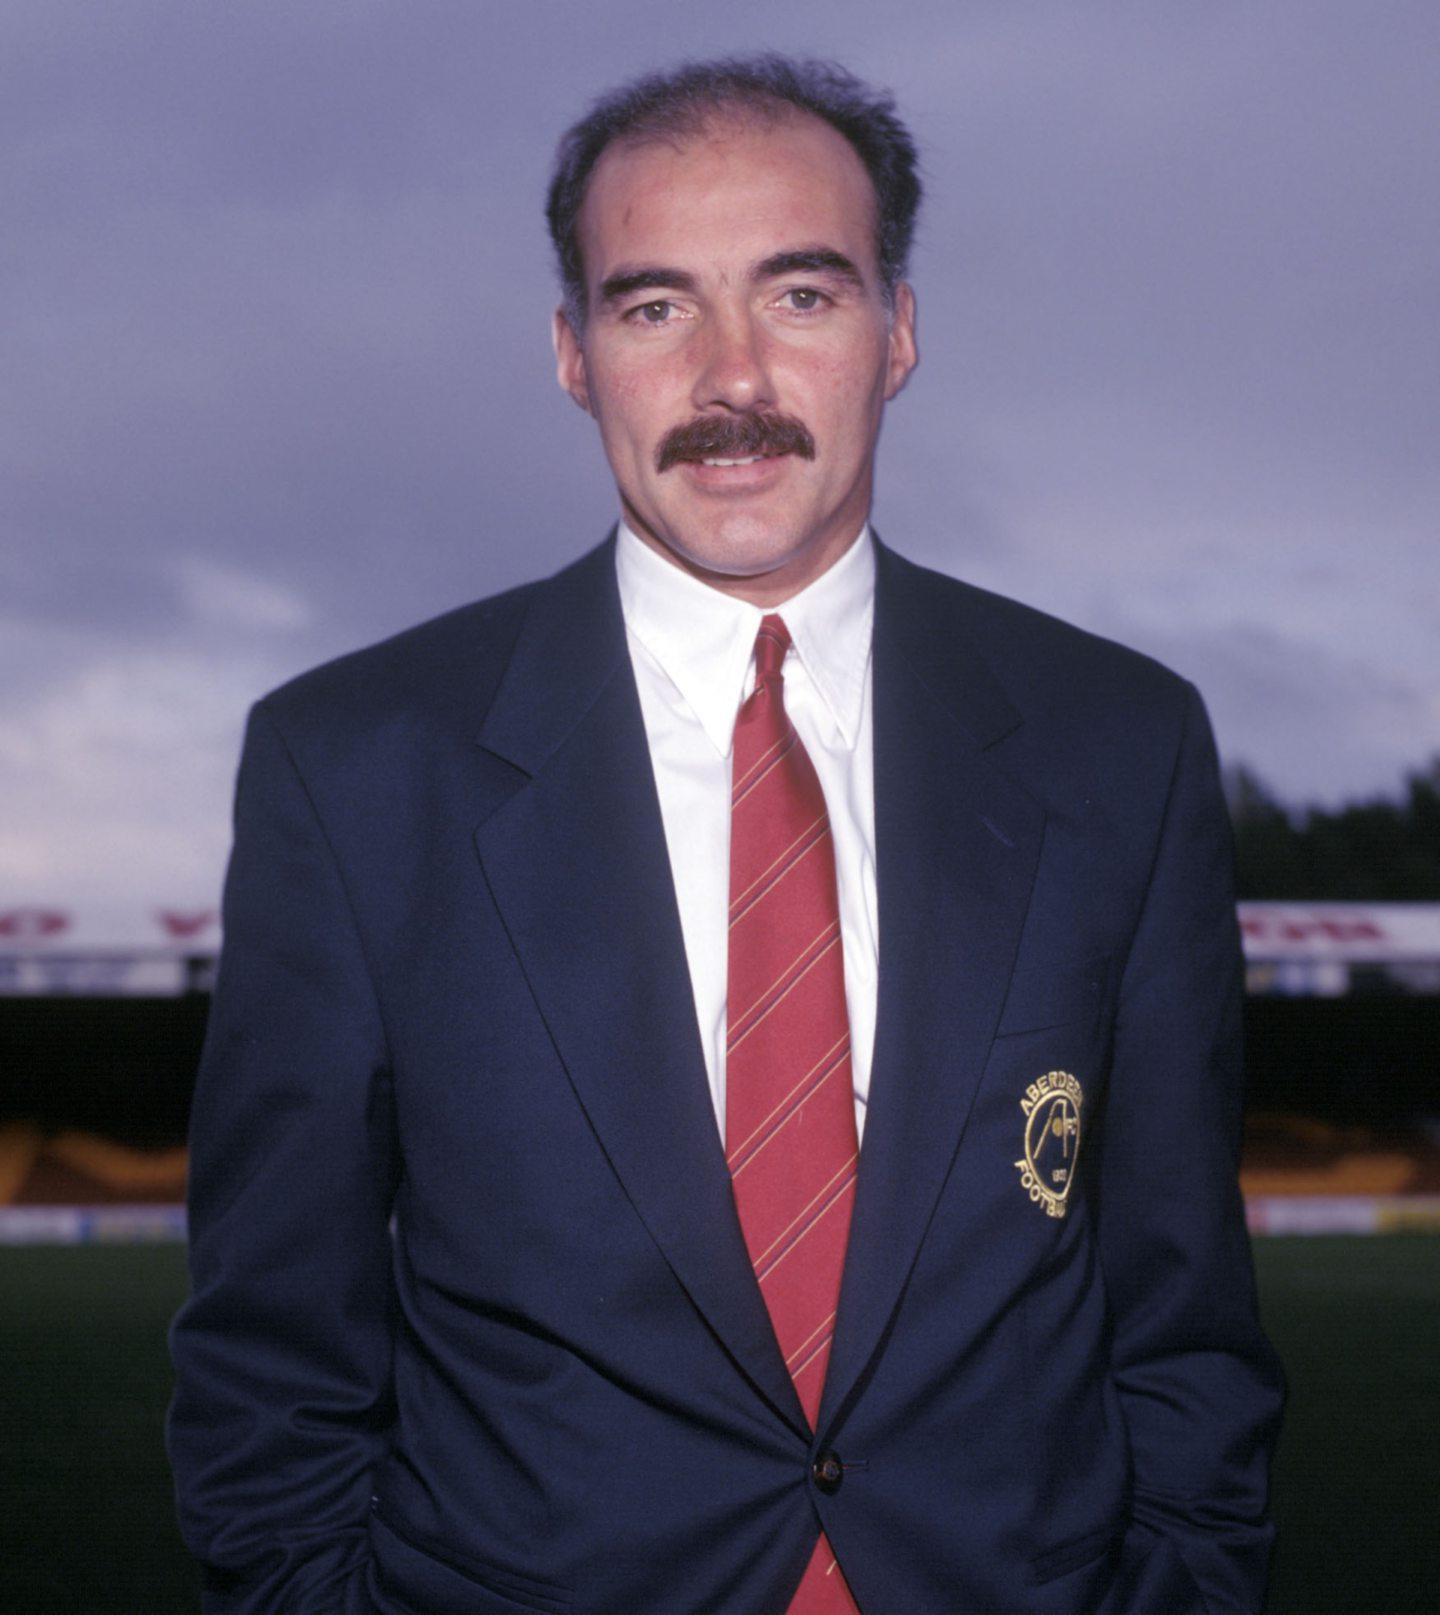 Willie Miller replaced Alex Smith as Aberdeen boss.